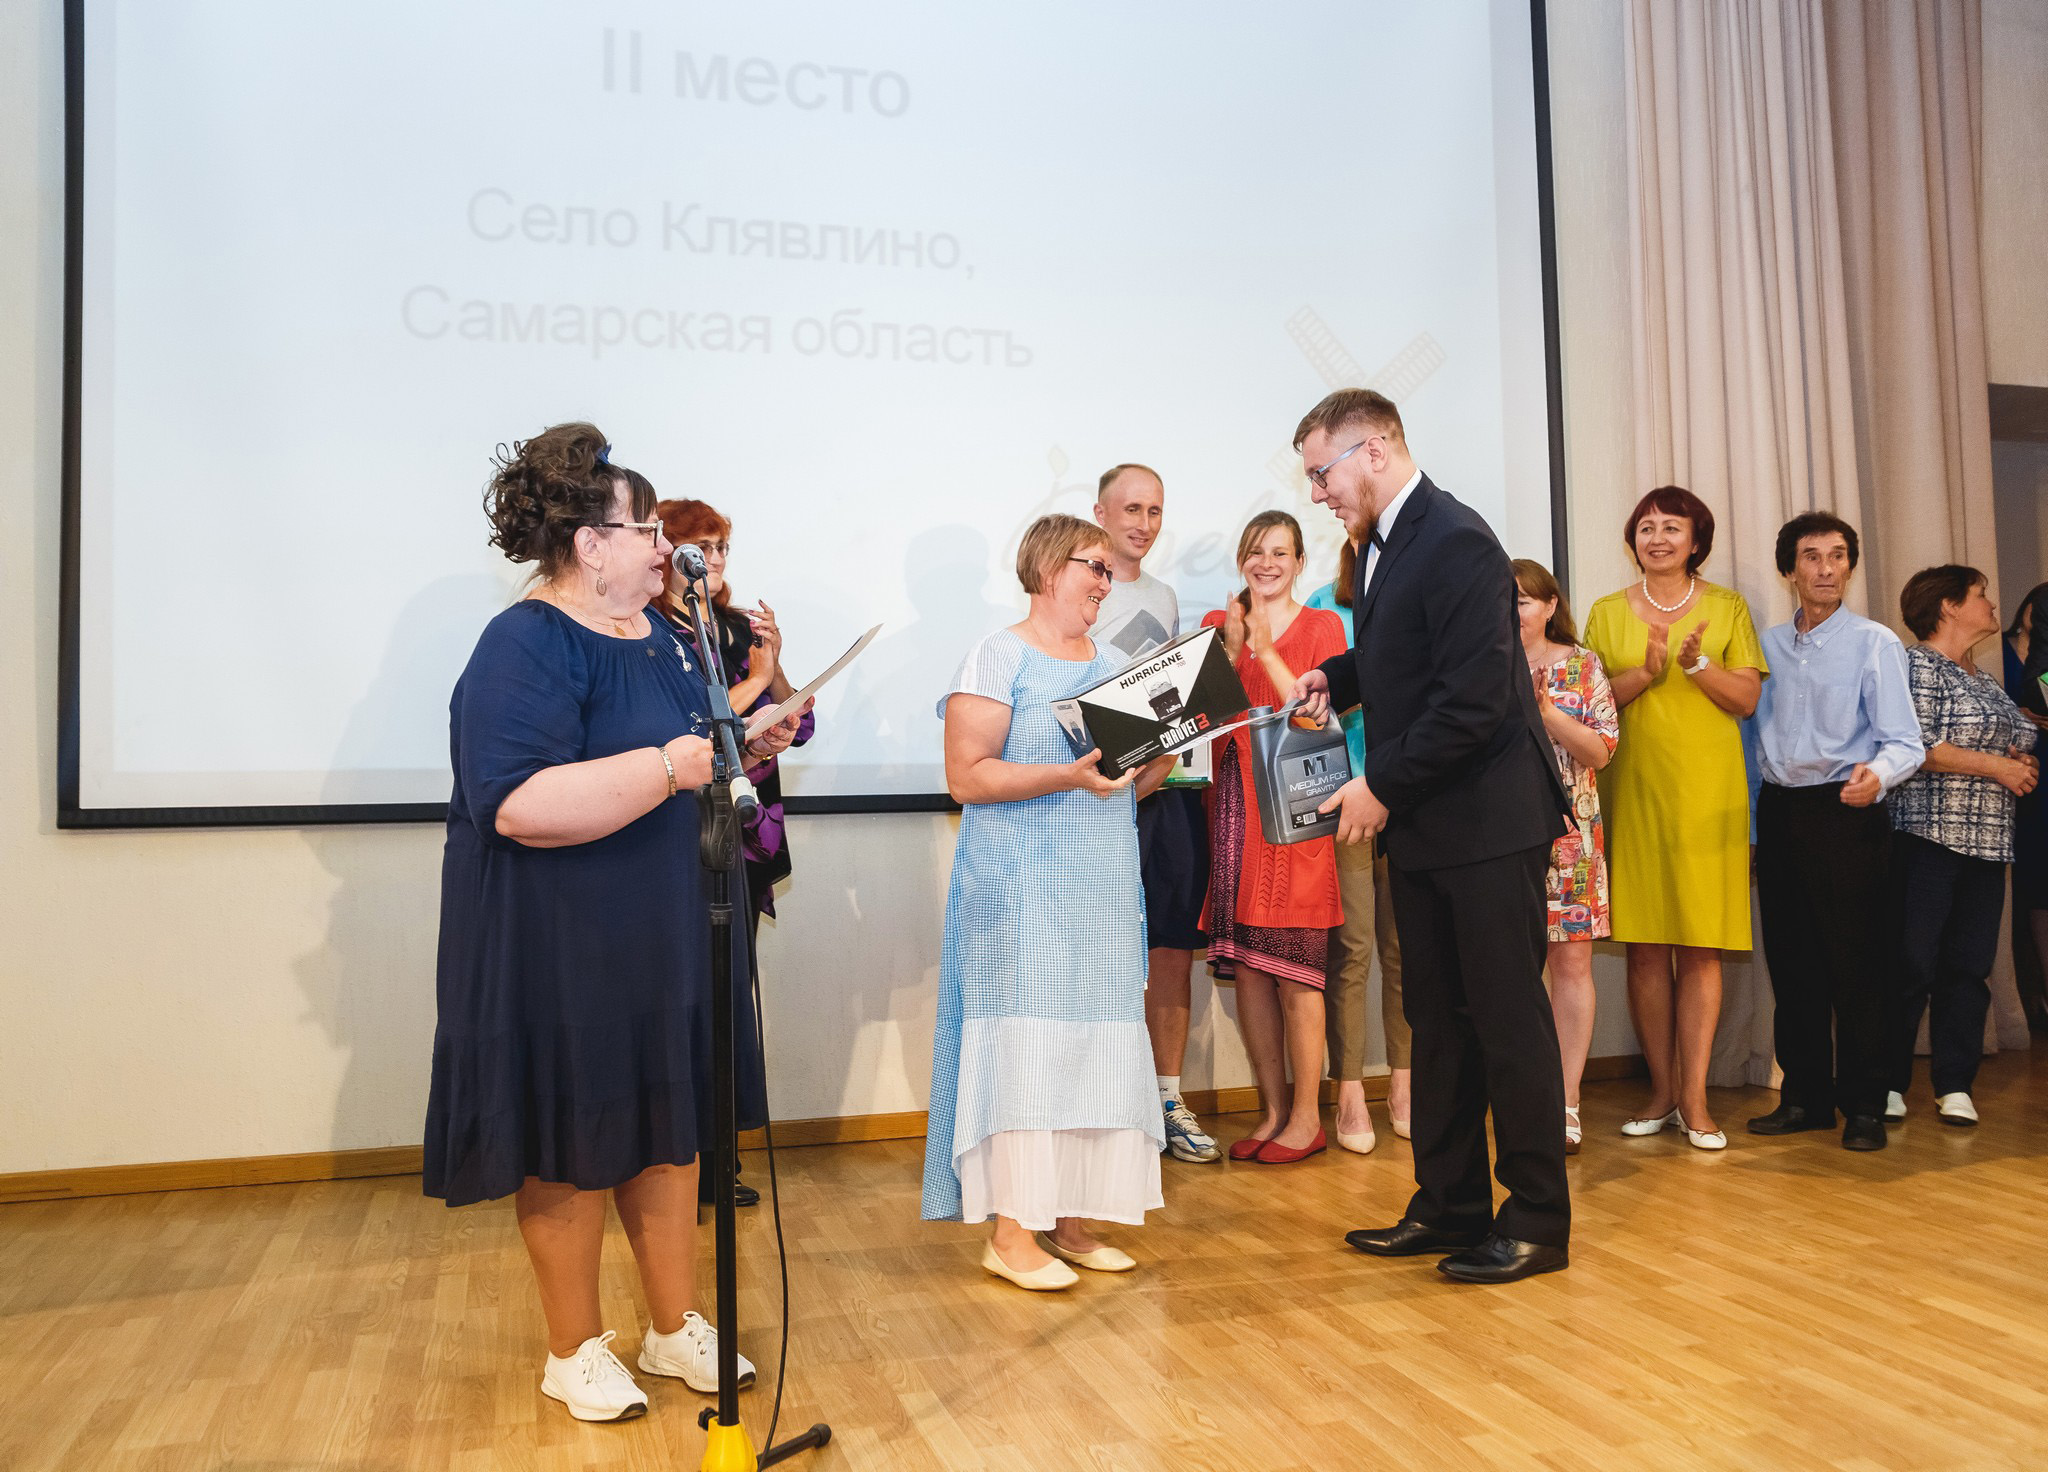 Награждение с.п.Клявлино за 2-е место в номинации «Самая спортивная территория» на конкурсе «Деревенька моя»